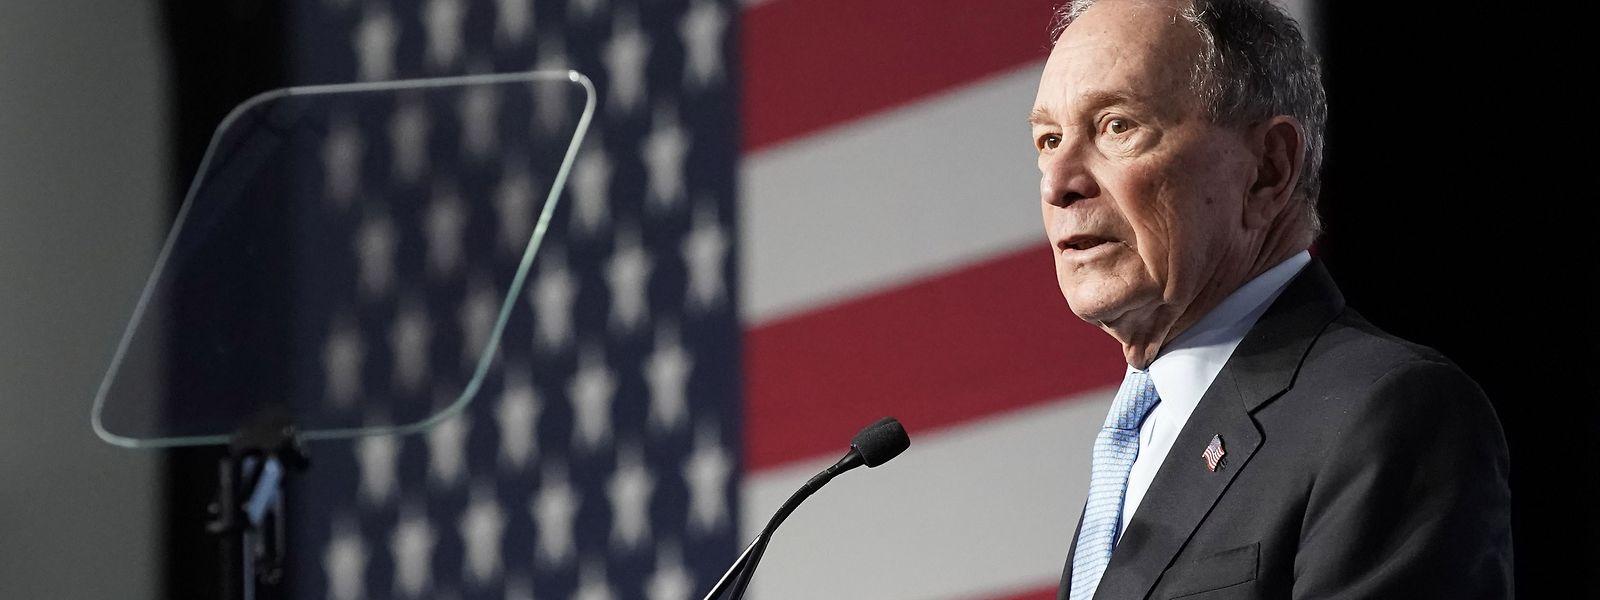 Pour Michael Bloomberg, le premier vrai test électoral n'aura lieu que lors du «Super Tuesday», le 3 mars